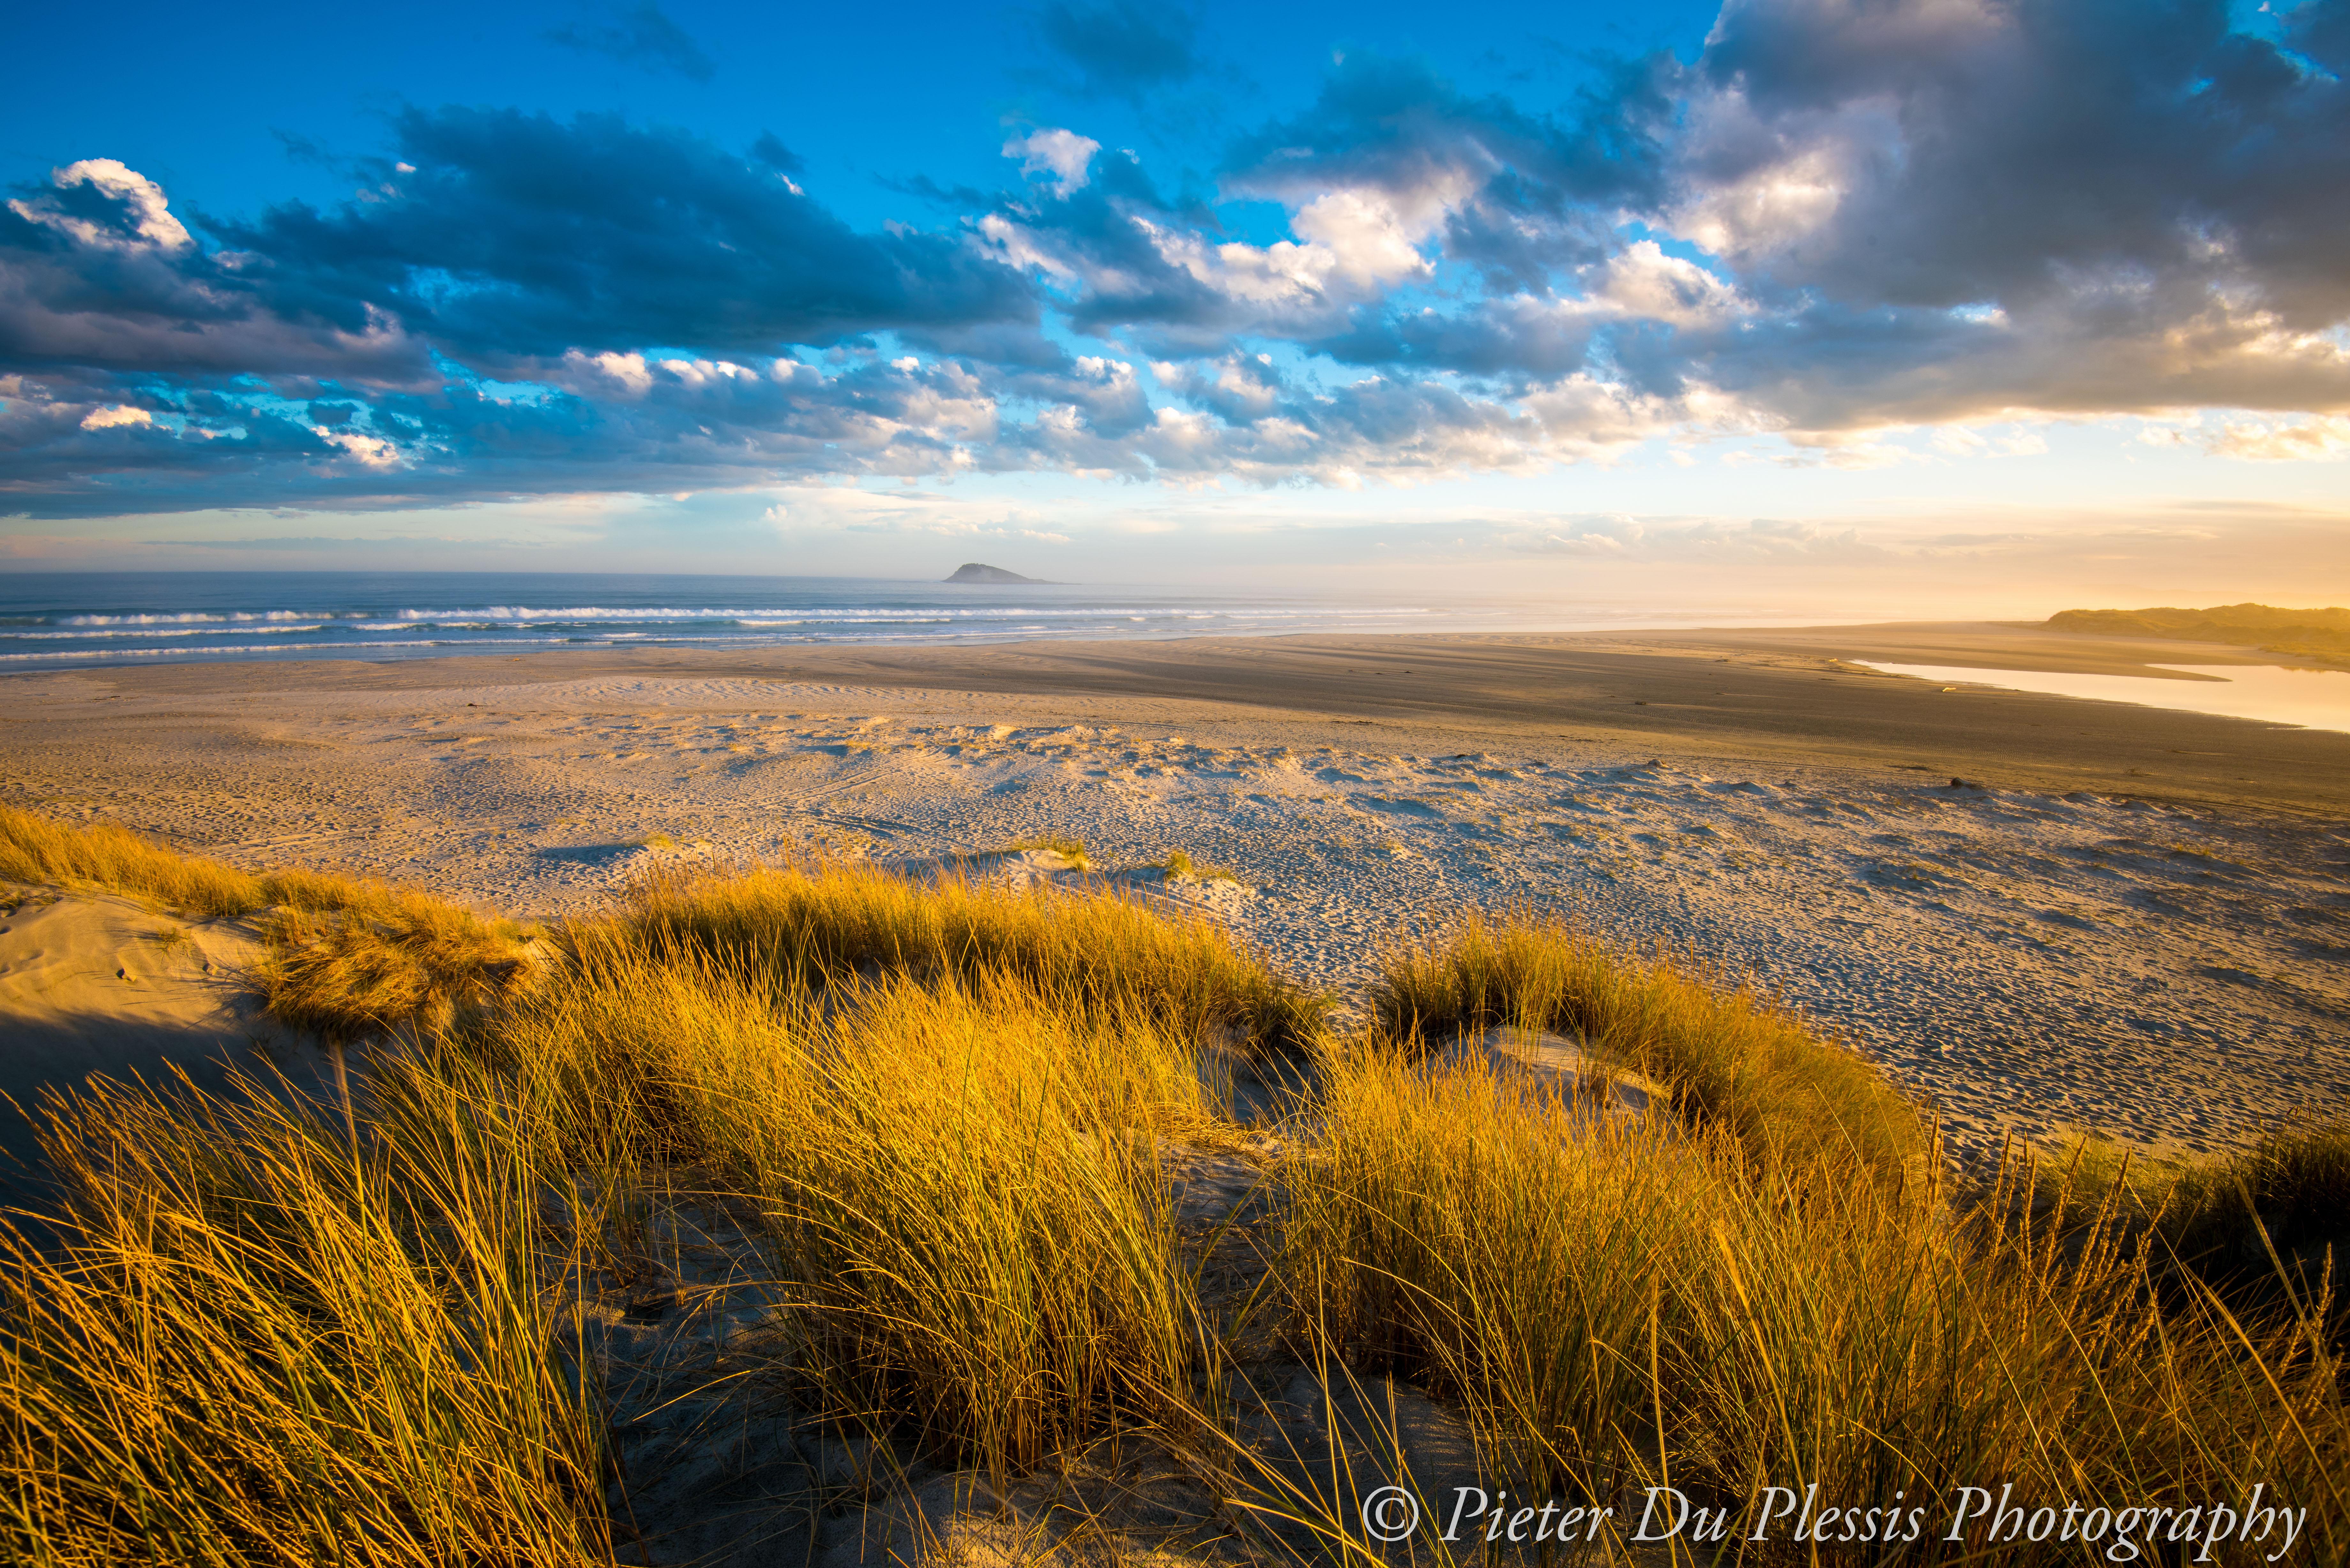 Waldronville beach, Dunedin